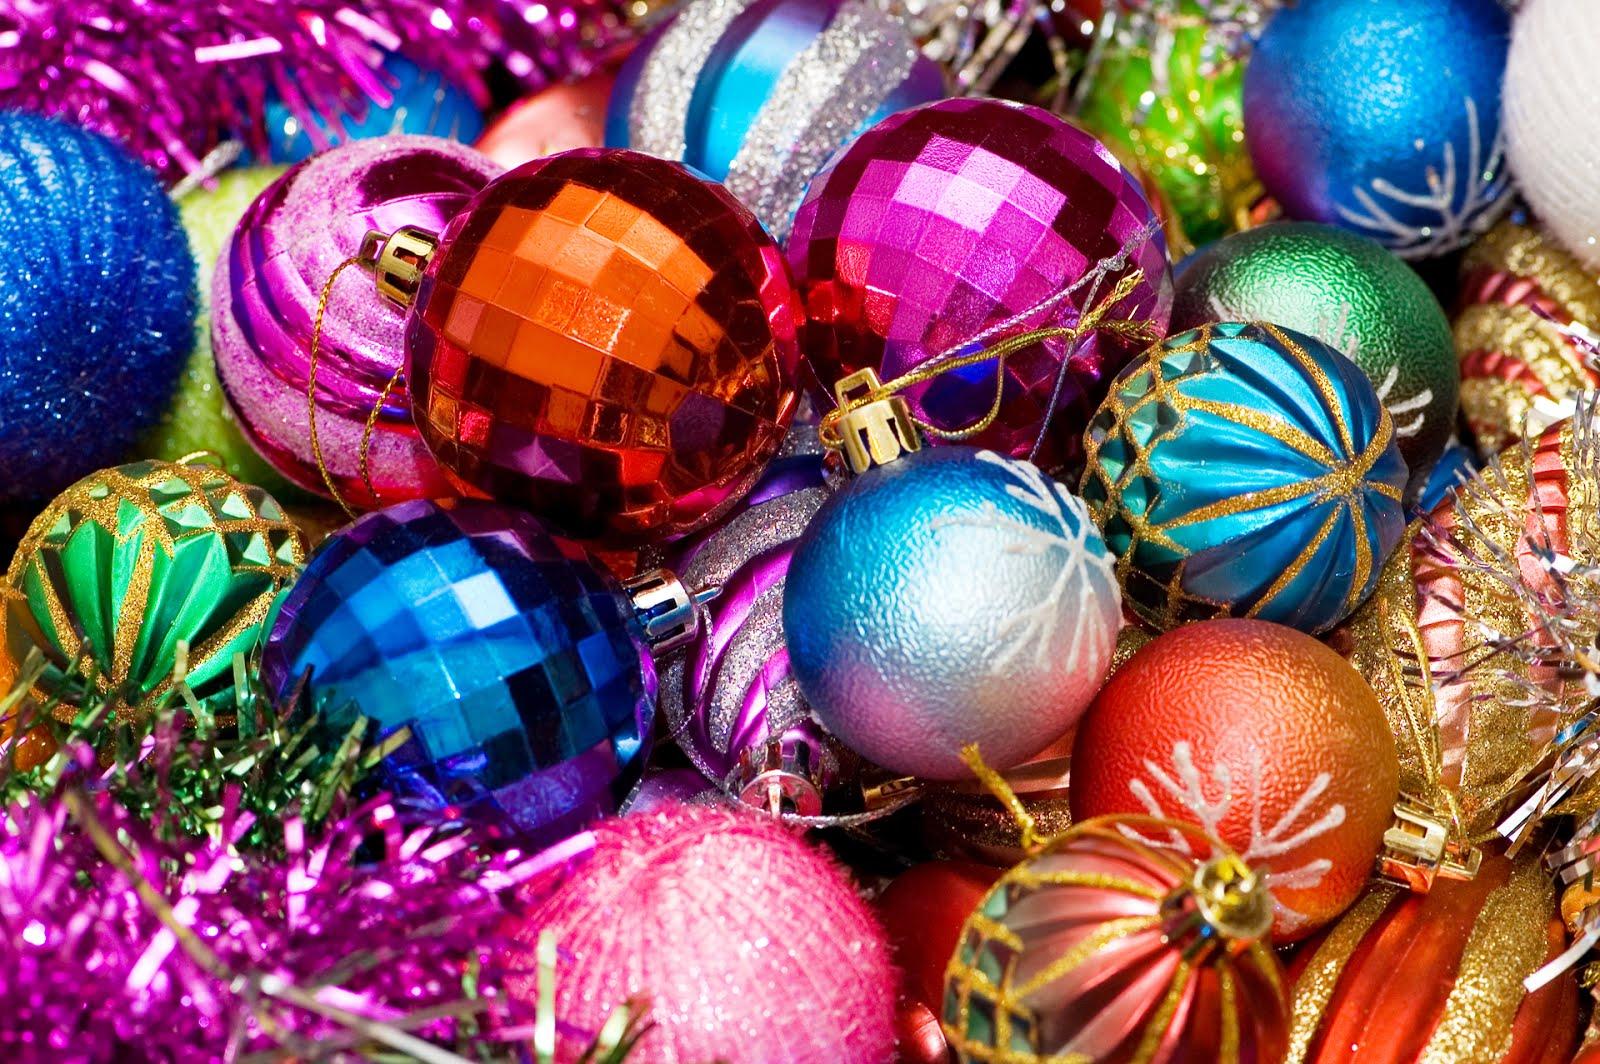 Esfera al parecer en un principio san bonifacio adorn e - Esferas de navidad ...